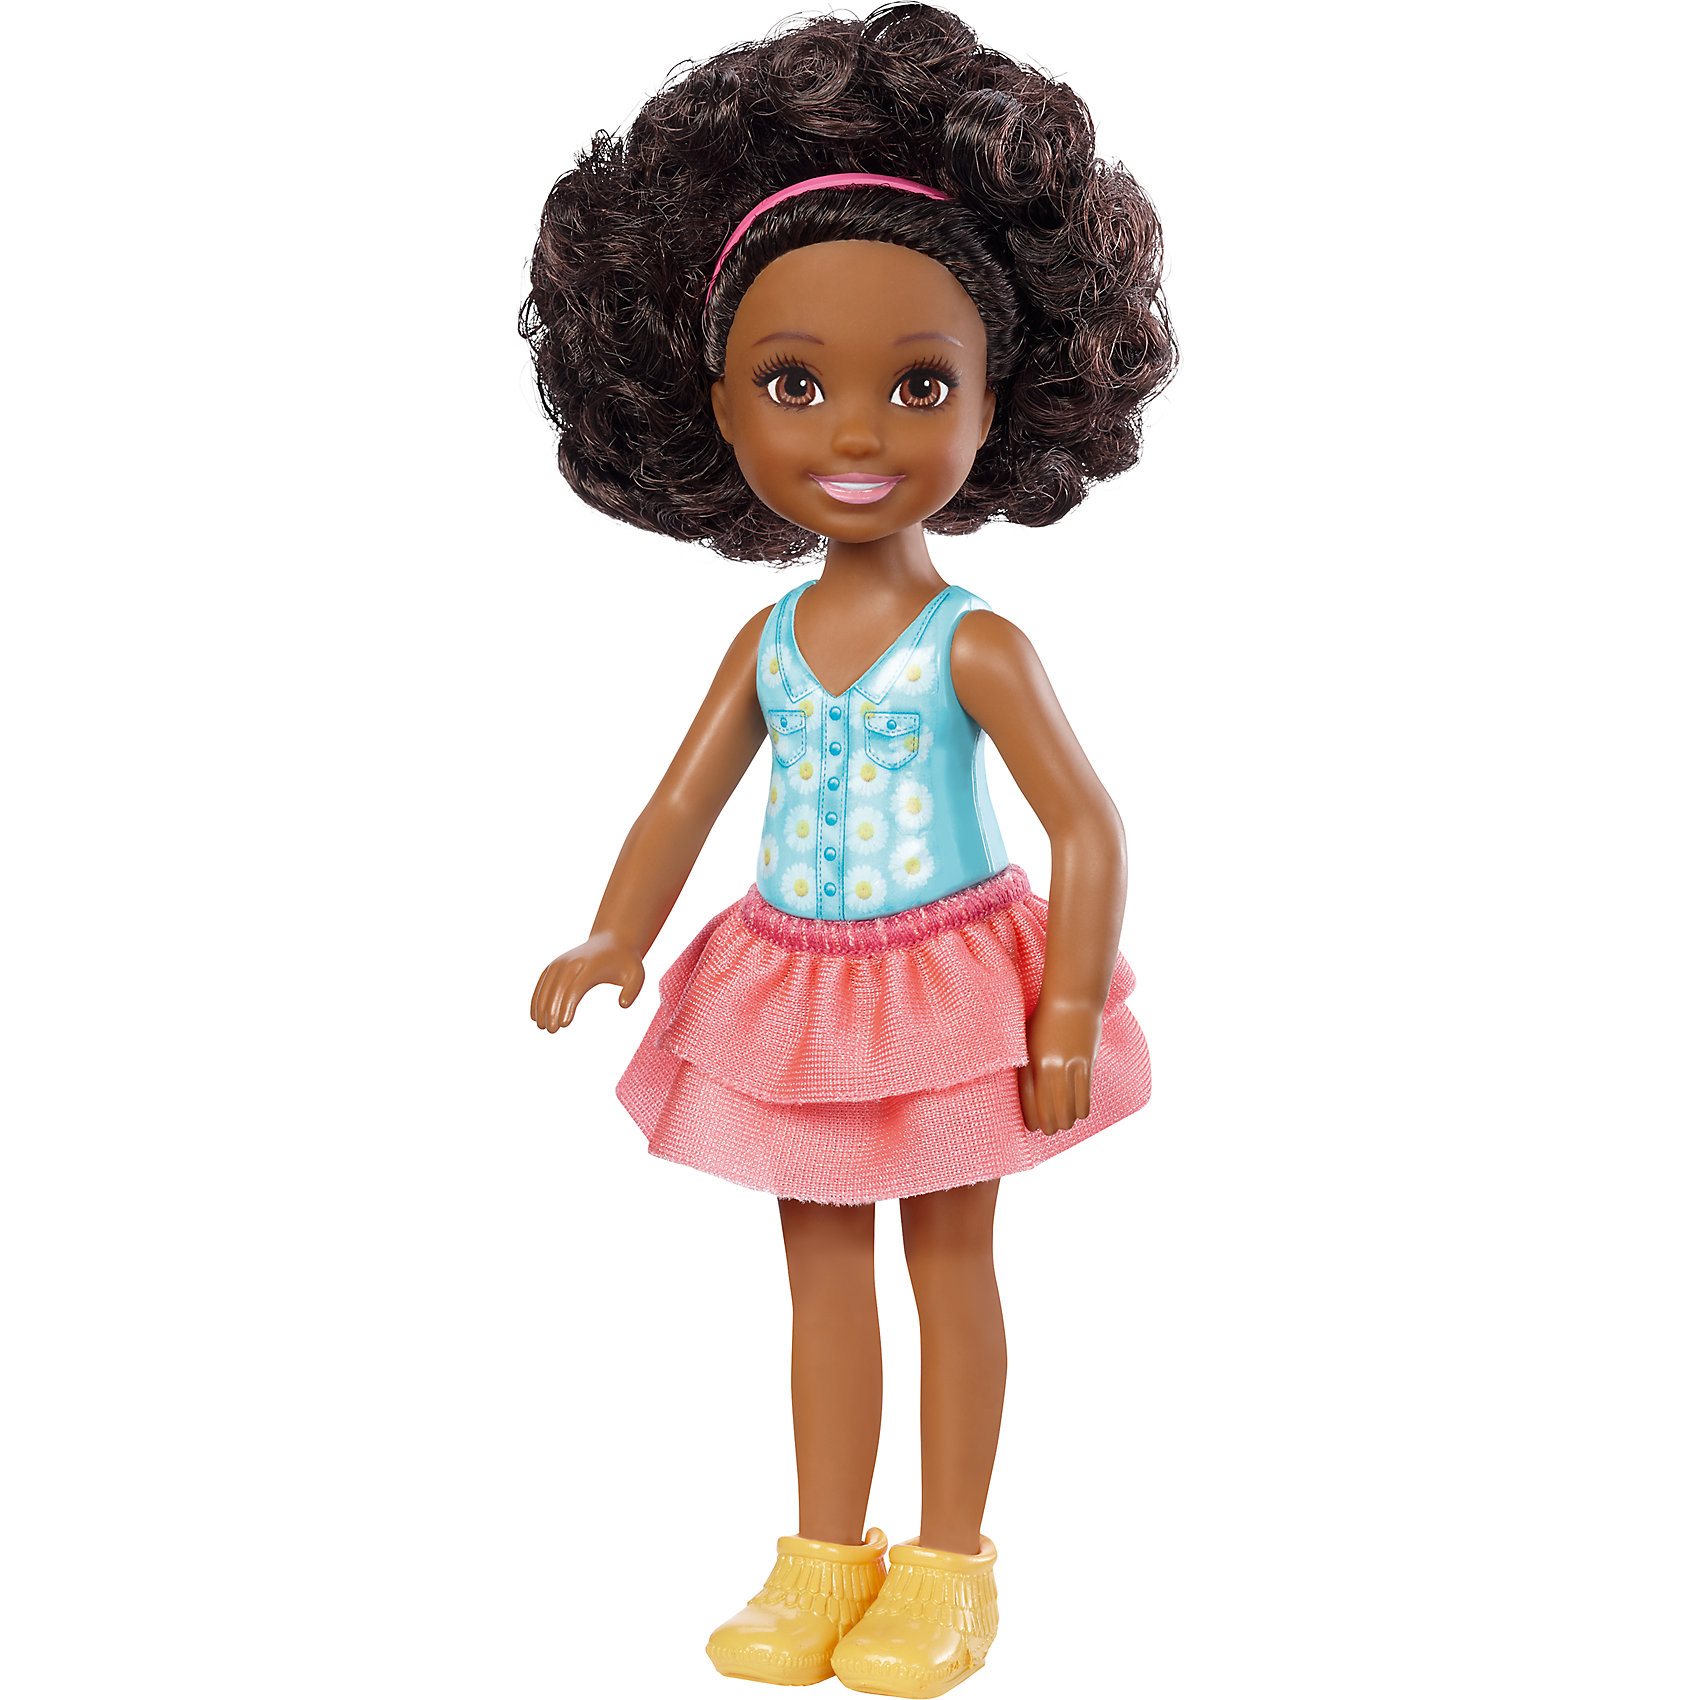 Кукла-Челси, BarbieХарактеристики товара:<br><br>• комплектация: 1 кукла, одежда, аксессуар<br>• материал: пластик, полимер, текстиль<br>• подвижные части тела<br>• высота куклы: 13,5 см<br>• длинные волосы<br>• возраст: от трех лет<br>• размер упаковки: 16х9х4 см<br>• вес: 0,3 кг<br>• страна бренда: США<br><br>Маленьких любительниц куклы Barbie наверняка порадует малышка Челси в новом образе. Она выглядит очаровательно в ярком наряде. Длинные волосы позволяют делать разнообразные прически! Кукла дополнена аксессуаром, чтобы игры с ней стали разнообразнее. Эта Челси станет великолепным подарком для девочек!<br><br>Игры с куклами помогают развить у девочек вкус и чувство стиля, отработать сценарии поведения в обществе, развить воображение и мелкую моторику. Такую куклу удобно брать с собой в поездки и на прогулки. Маленькая Челси от бренда Mattel не перестает быть популярной! <br><br>Куклу Челси, Barbie, от компании Mattel можно купить в нашем интернет-магазине.<br><br>Ширина мм: 90<br>Глубина мм: 40<br>Высота мм: 160<br>Вес г: 73<br>Возраст от месяцев: 36<br>Возраст до месяцев: 120<br>Пол: Женский<br>Возраст: Детский<br>SKU: 5389672